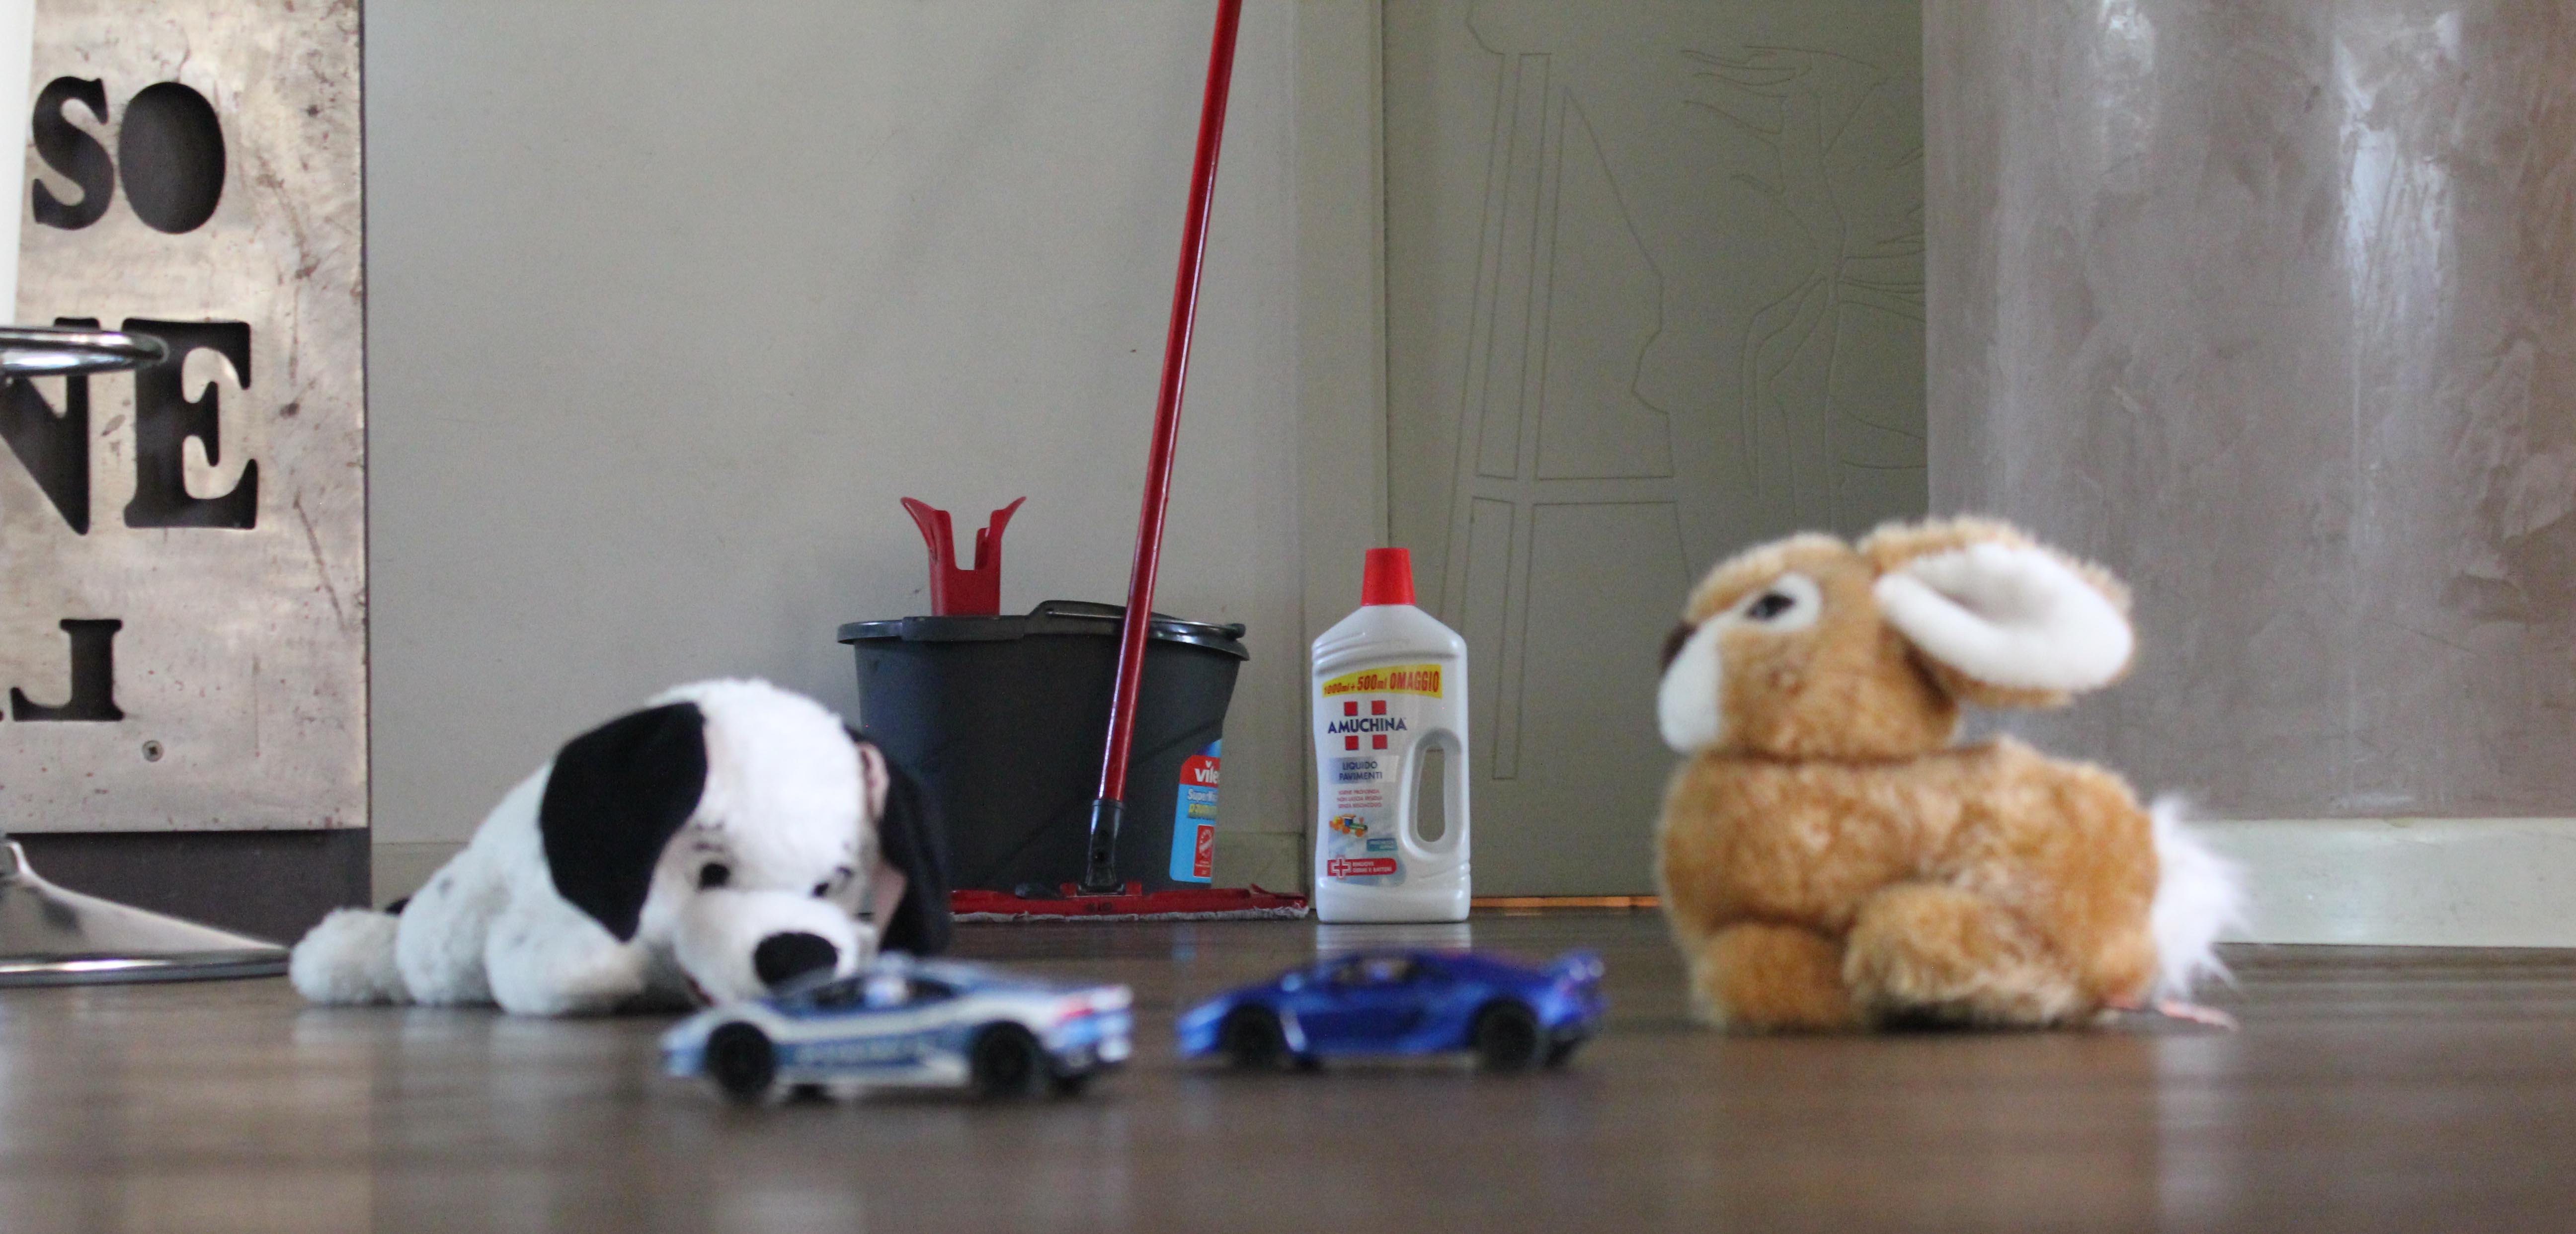 Come Tenere Pulita La Casa come pulire la casa in poche mosse - ricomincio da quattro